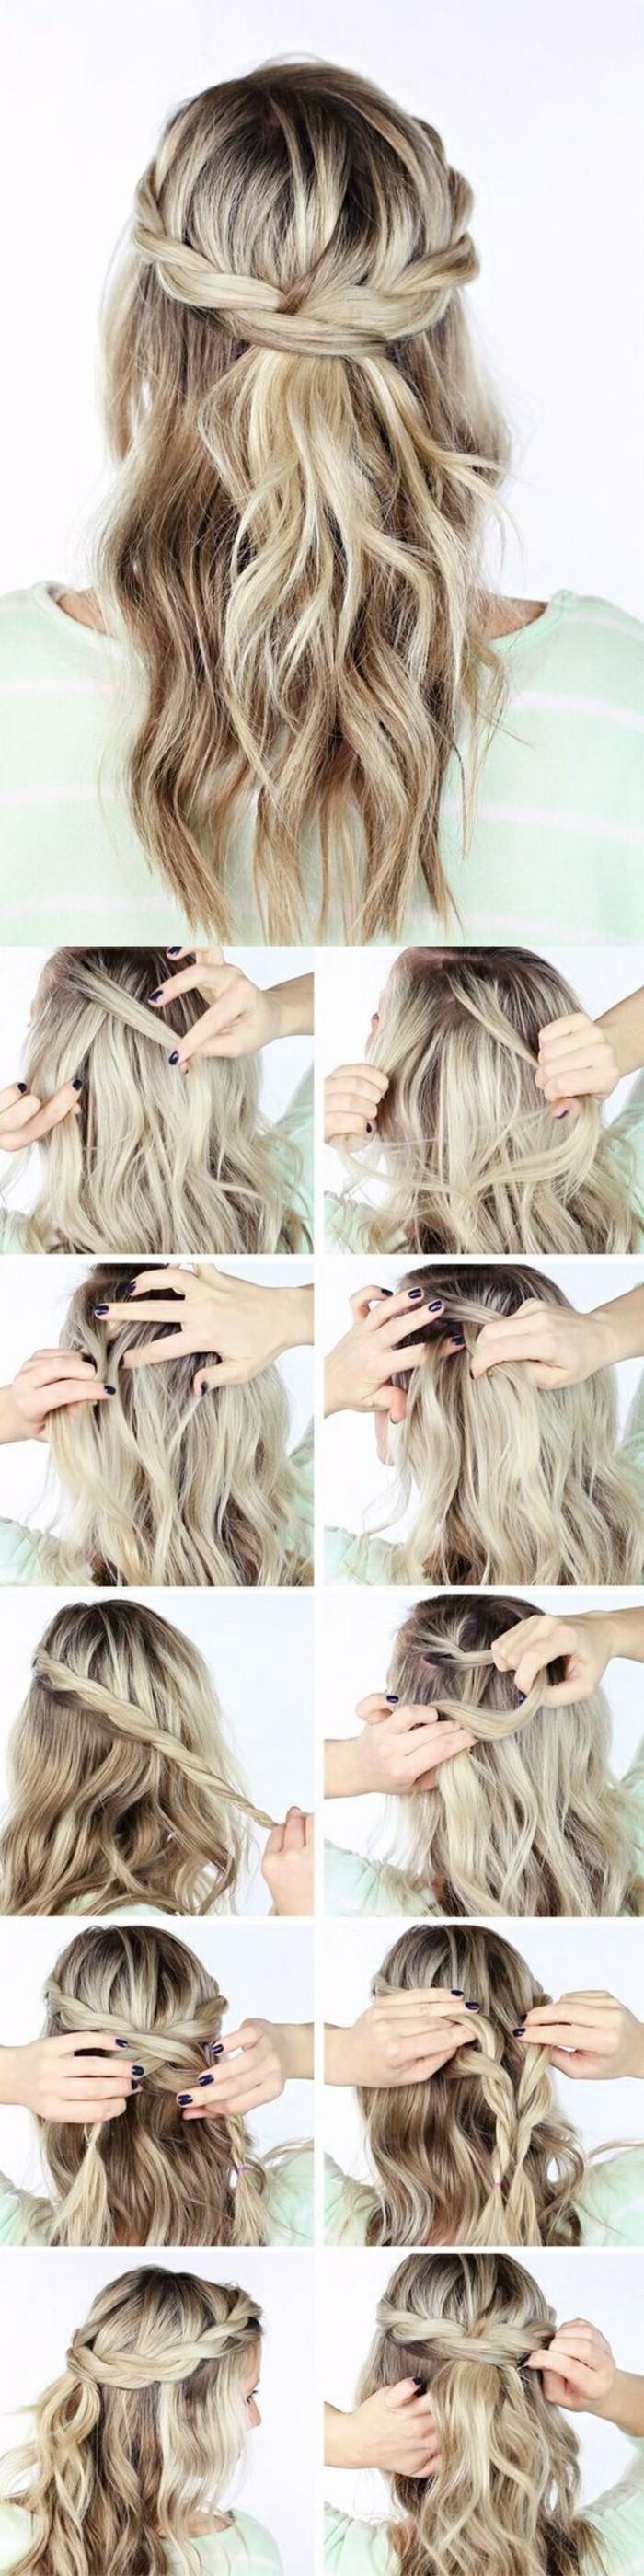 schnelle-frisuren-mitellange-frisuren-grune-bluse-blonde-lockige-haare-frisieren-selber-machen